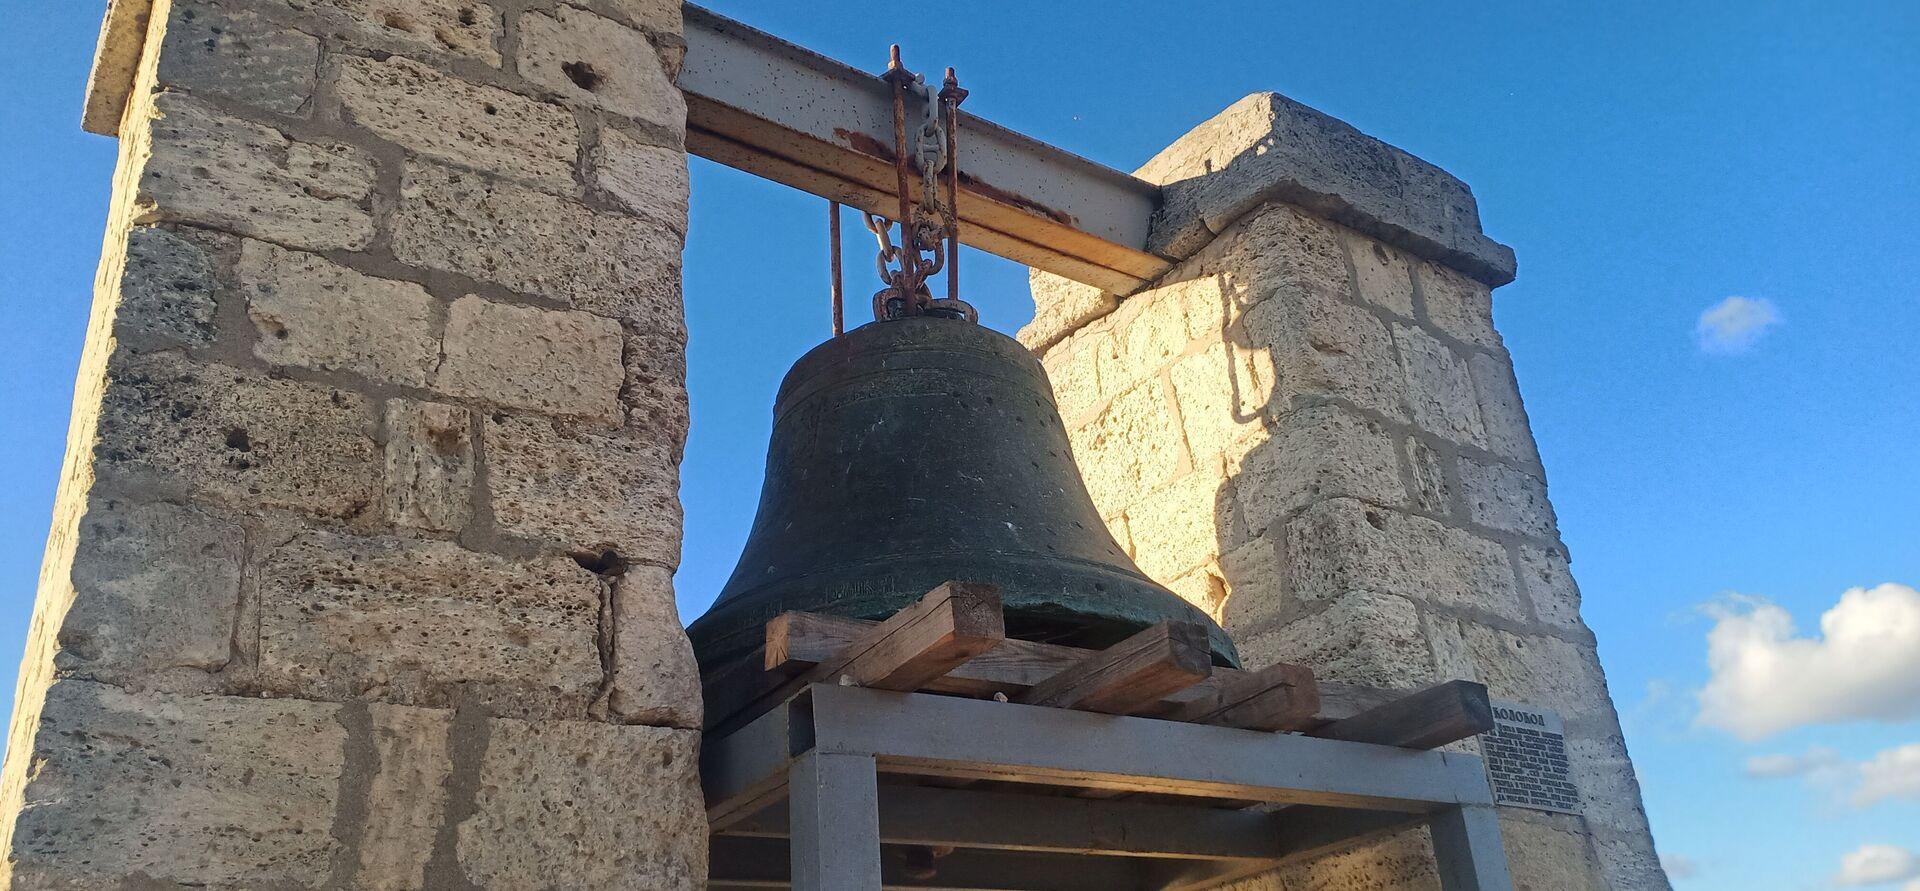 Нужен ли евроремонт туманному колоколу Севастополя  - РИА Новости, 1920, 12.03.2021